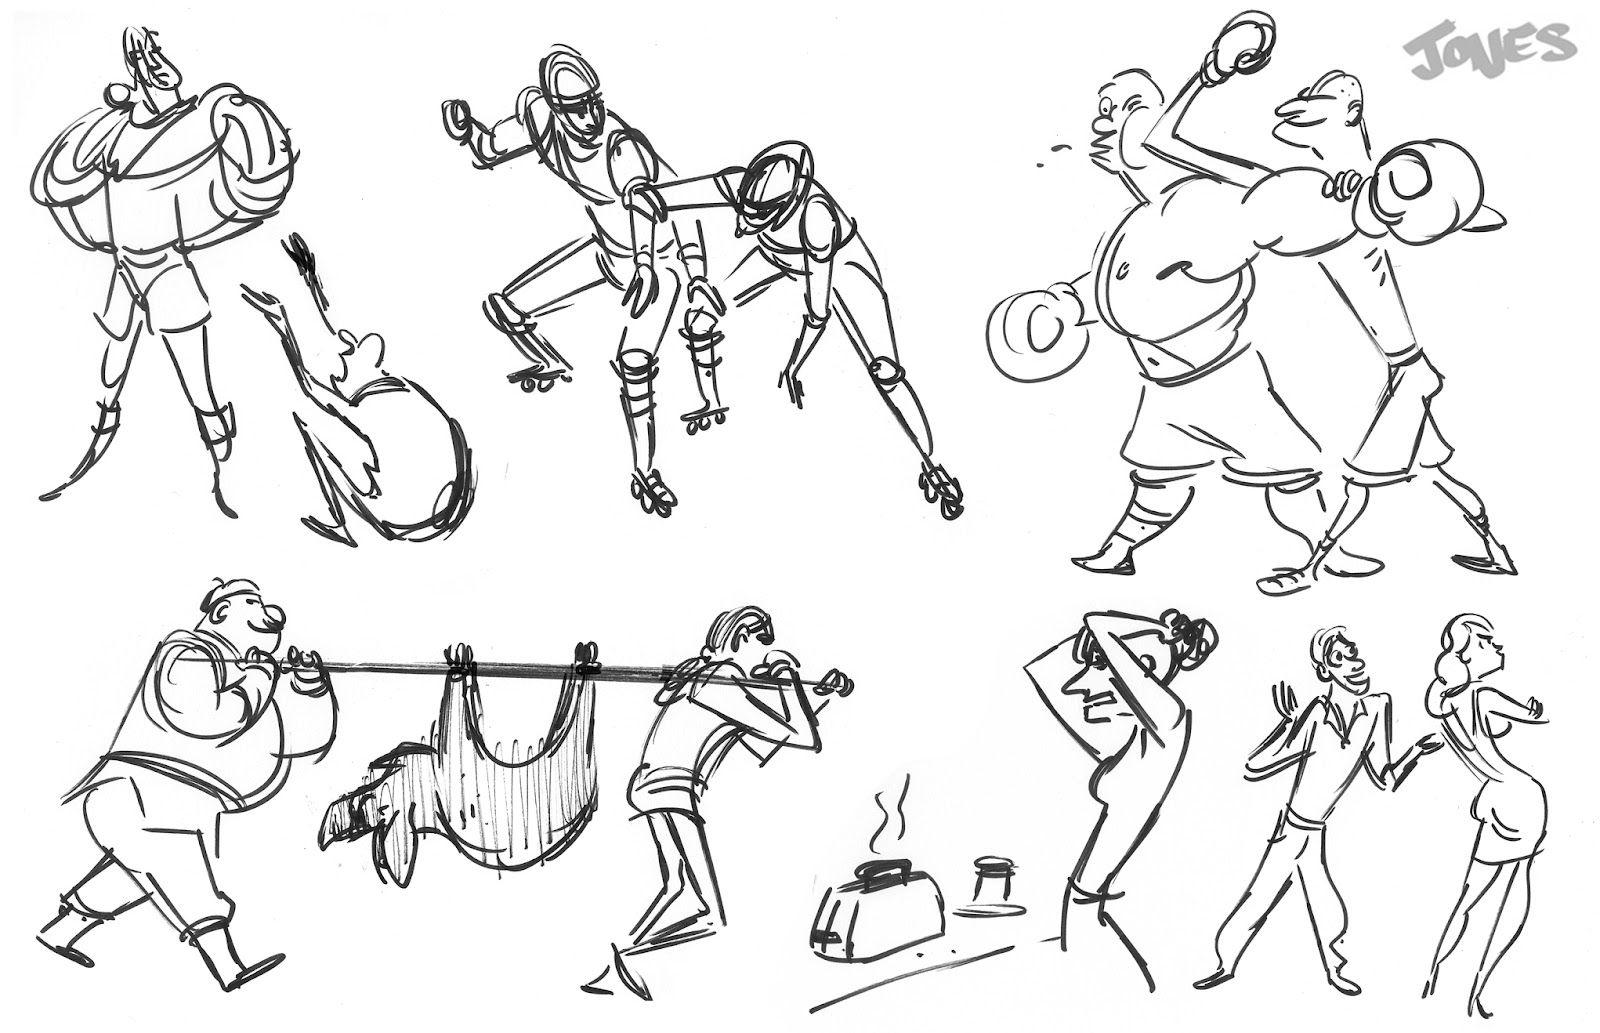 1600x1033 Matt Jones Gesture Drawing Animation Gesture